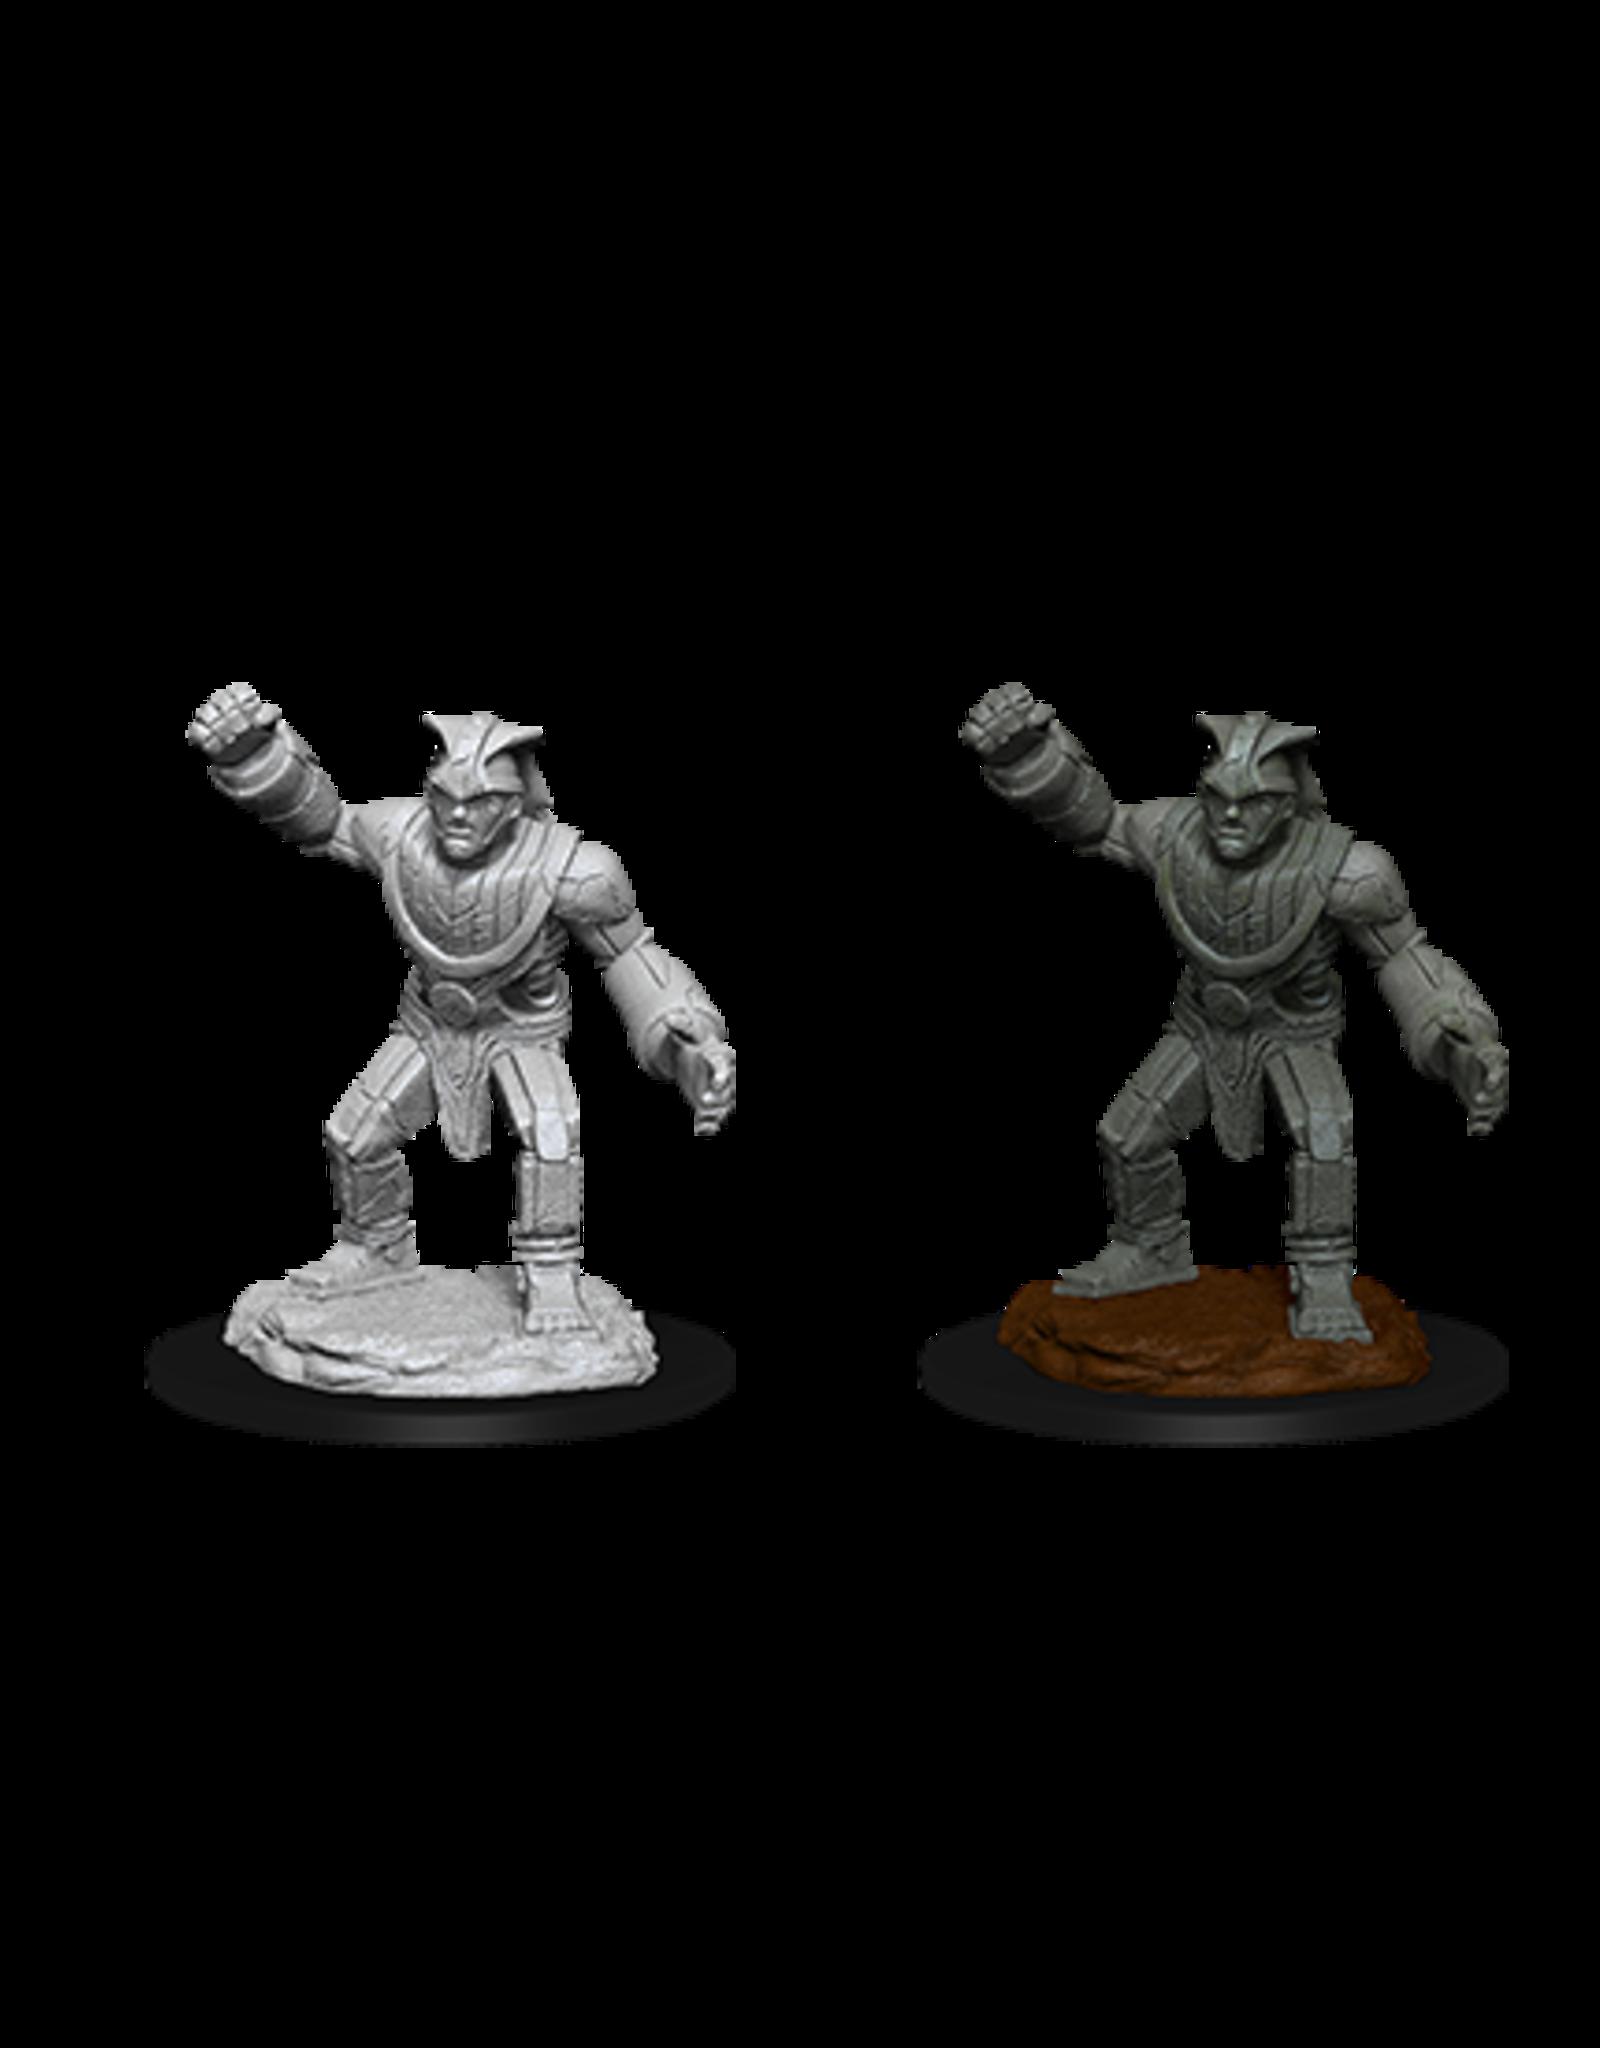 Nolzur's Marvelous Miniatures D&D D&D NMU - Stone Golem